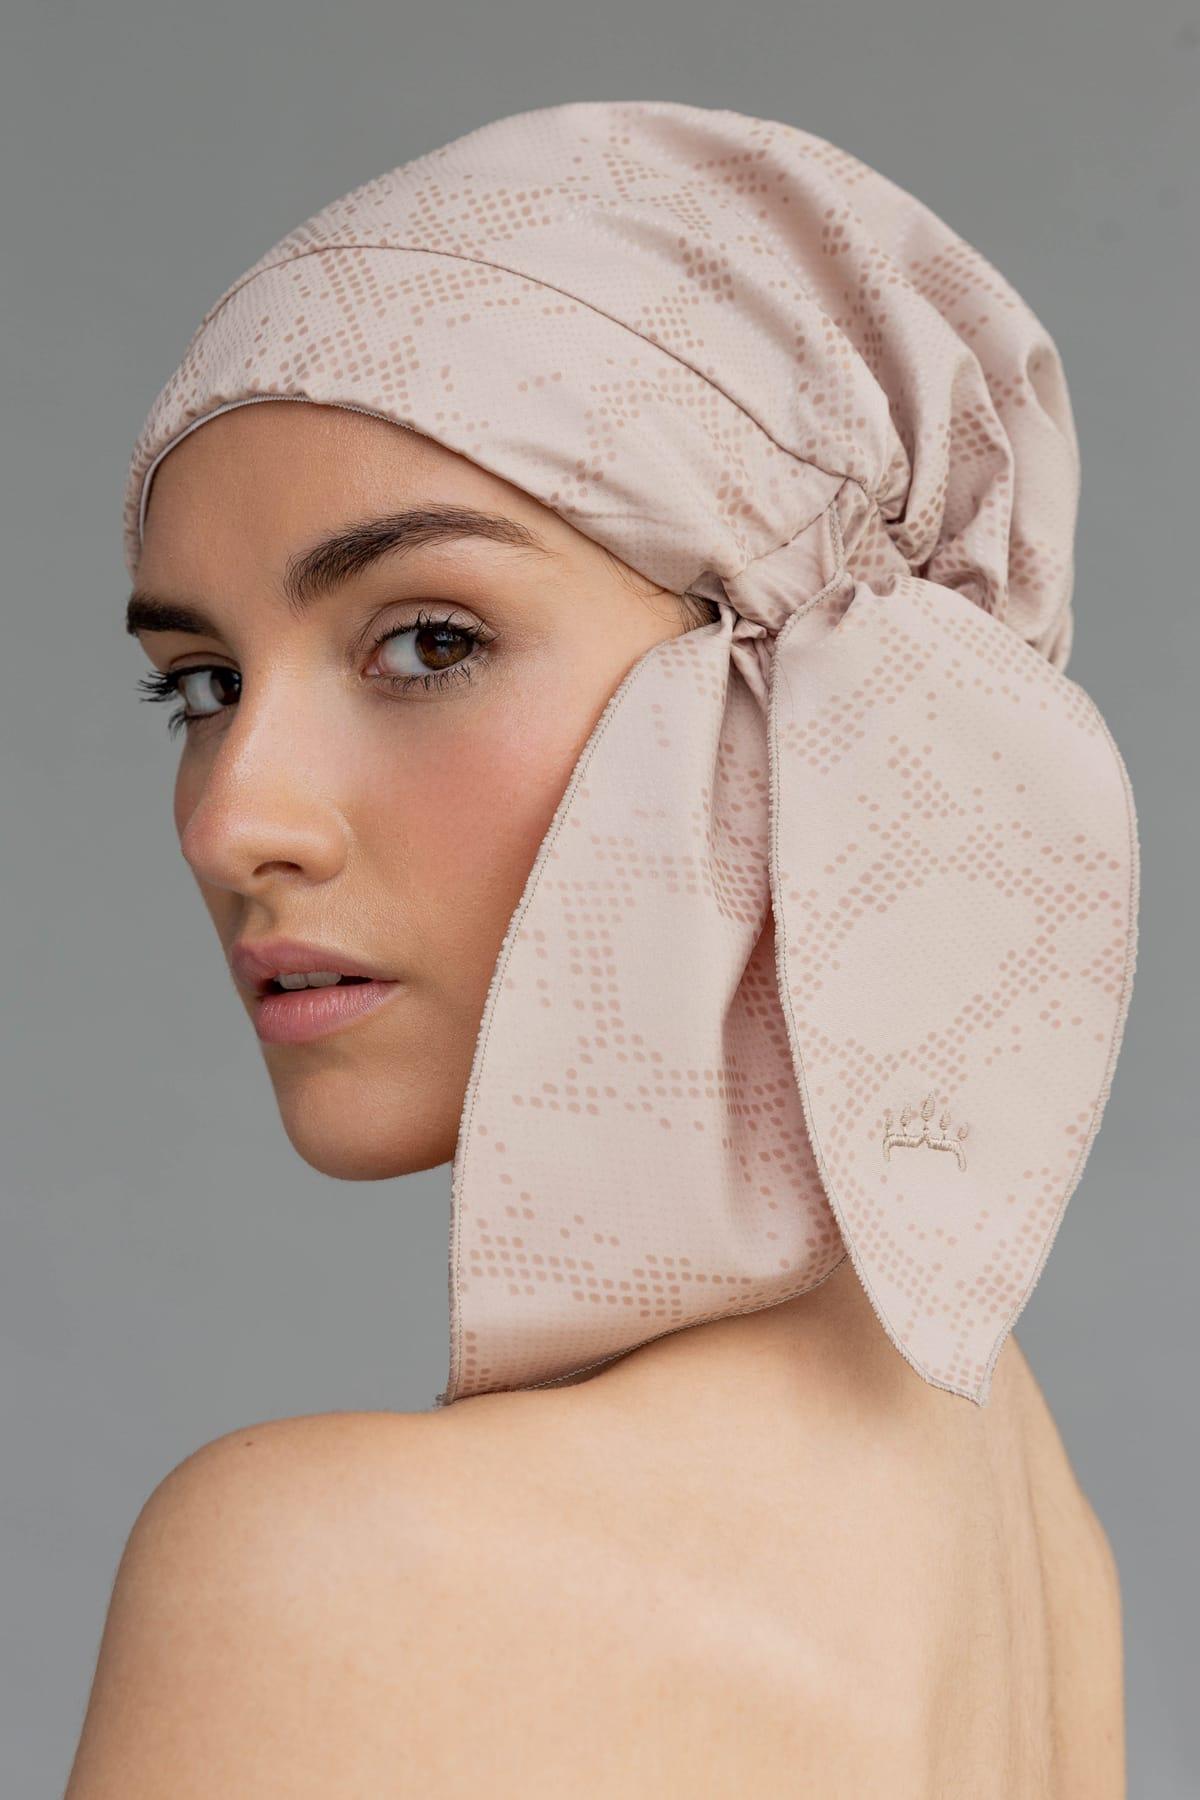 Shower cap elegante y sostenible en color beige. Complemento de moda